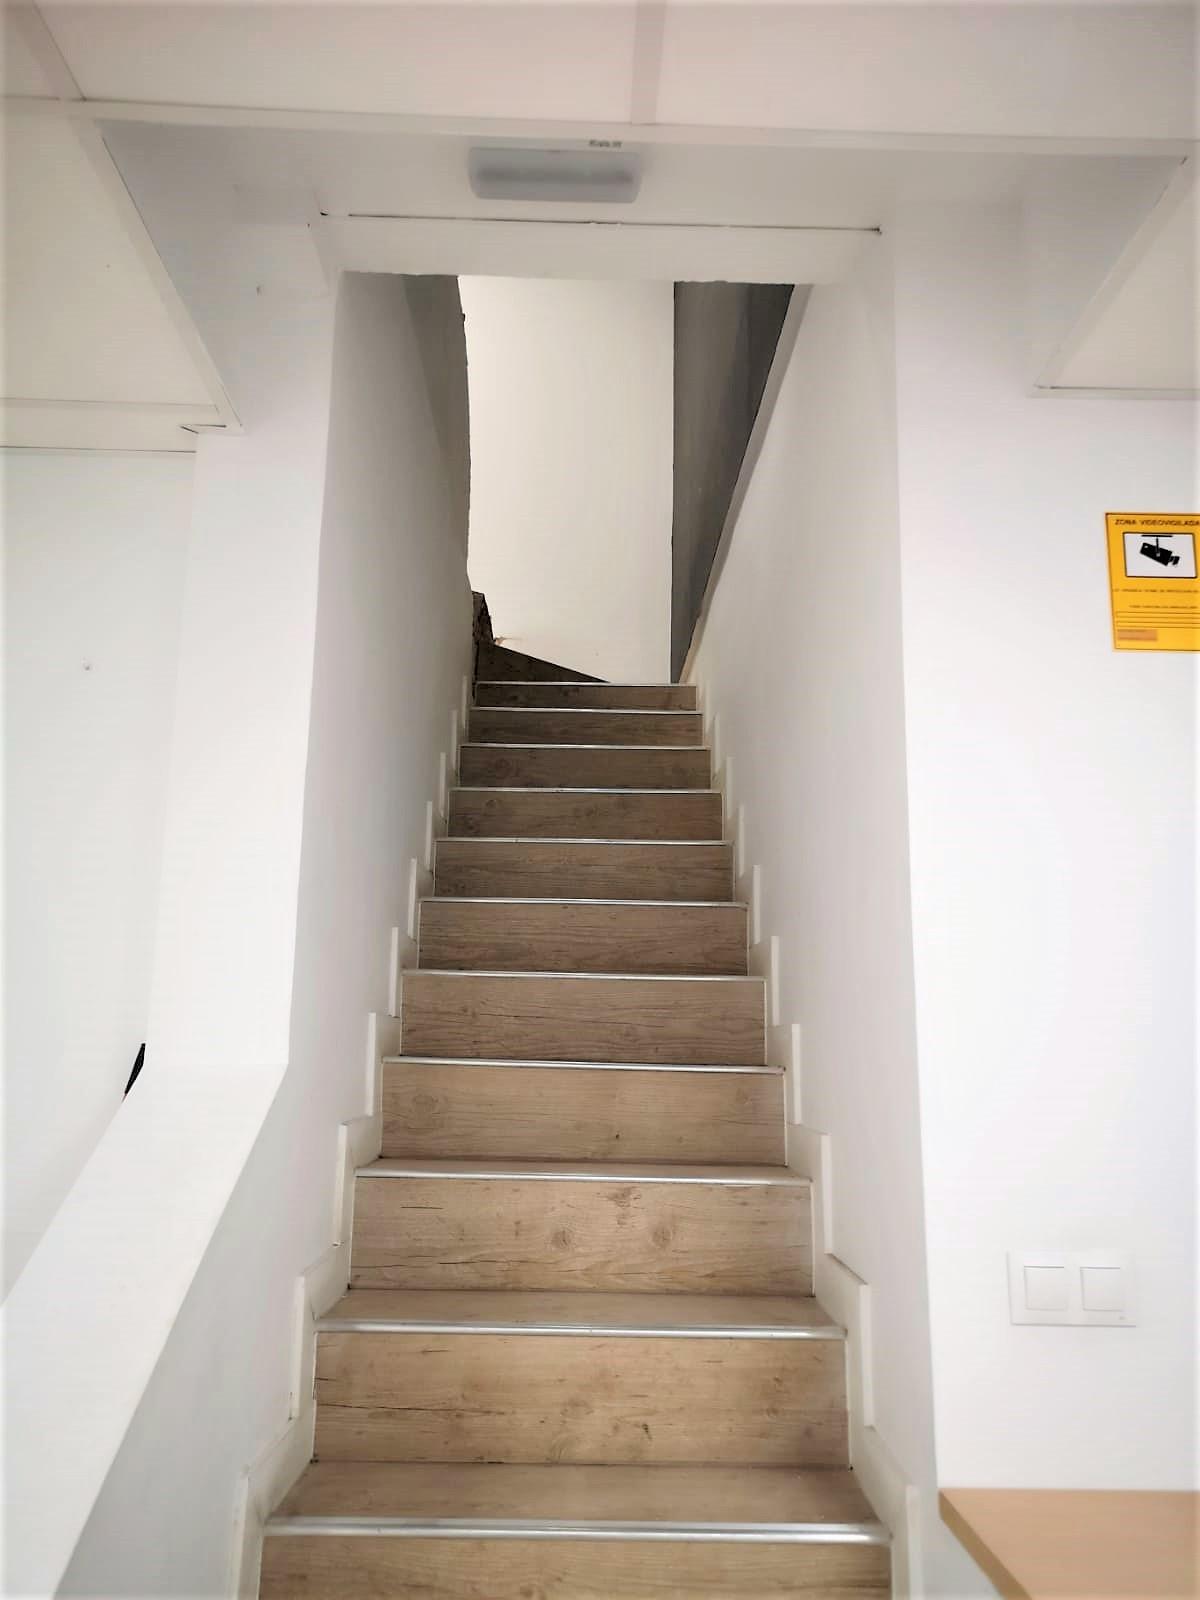 escalera antes de la obra